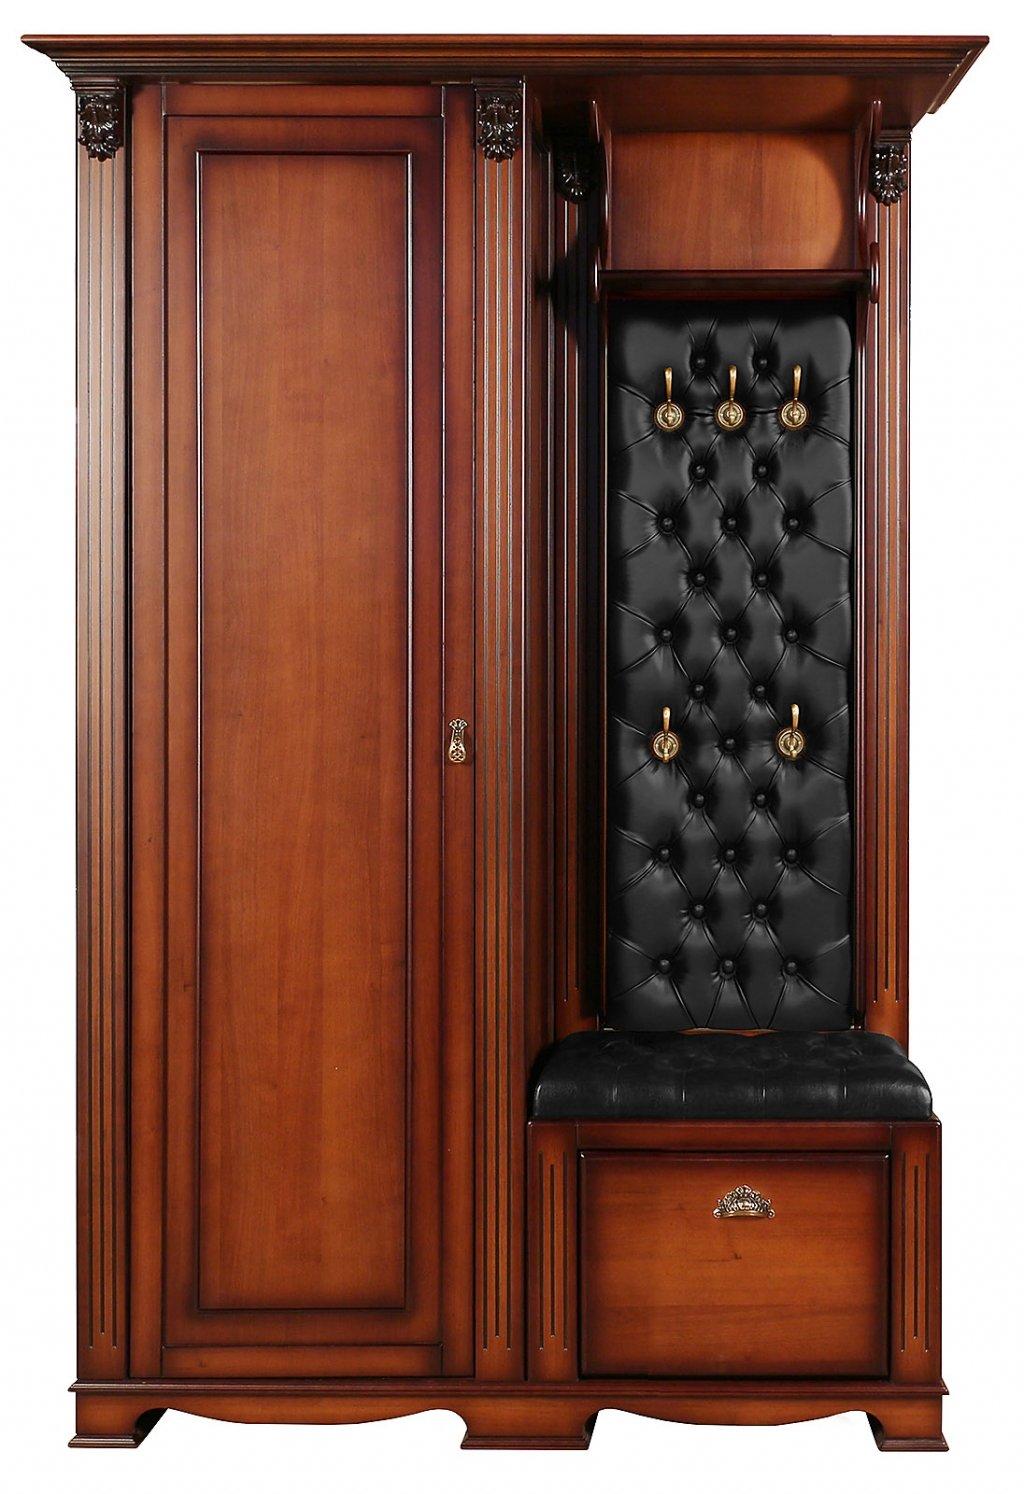 Прихожая Лувр с одностворчатым шкафом, вешалкой и банкеткой-обувницей EL7526L Or Black